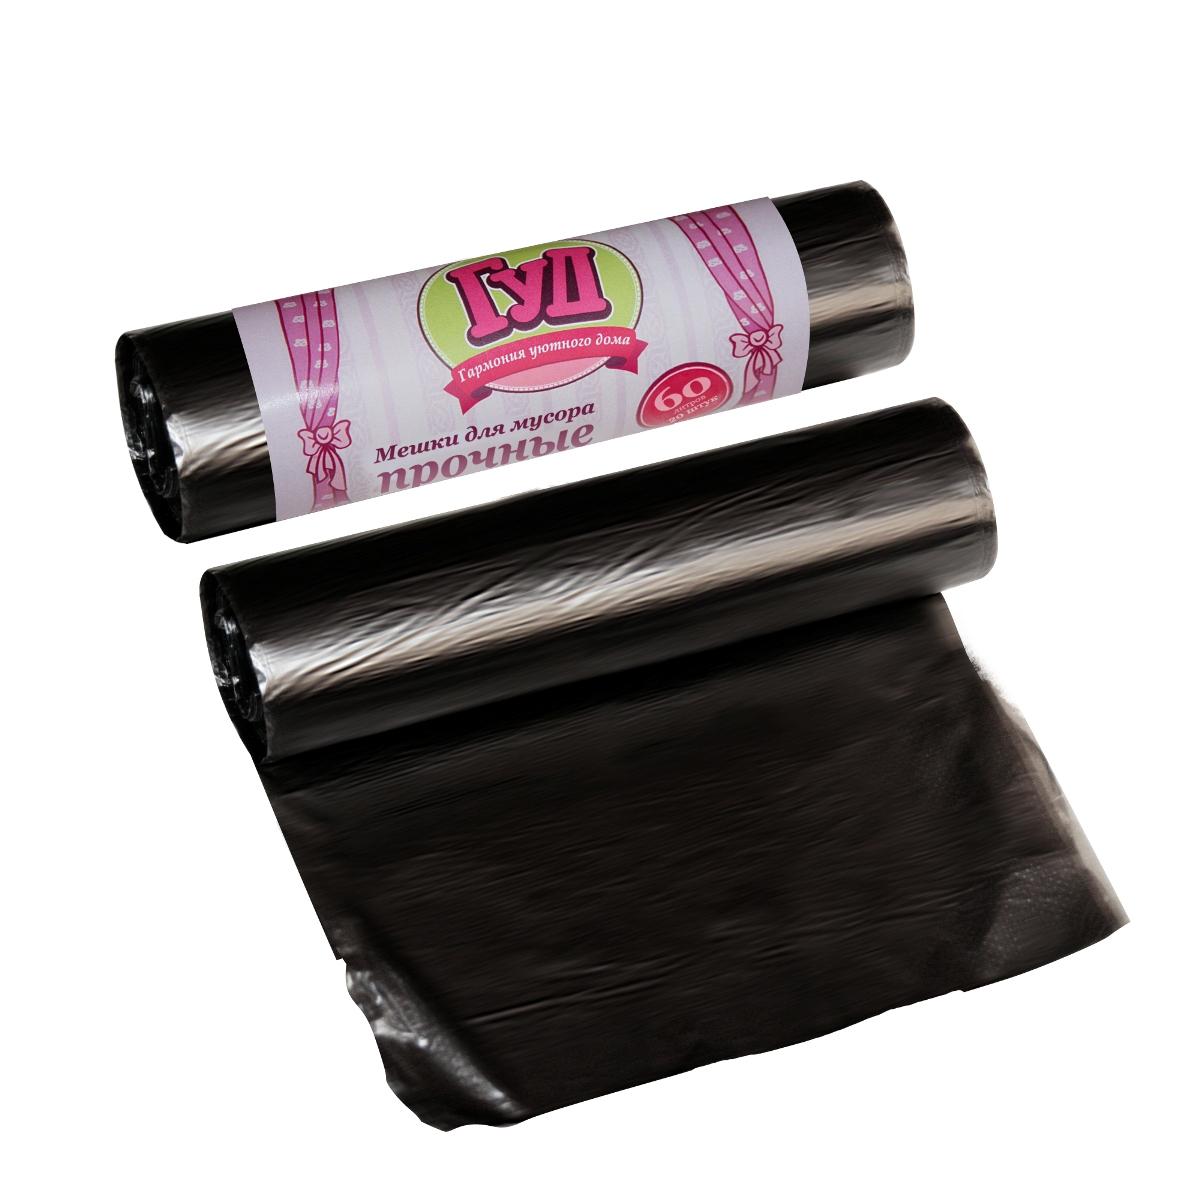 Мешки для мусора Гуд, прочные, цвет: черный, 60 л, 20 шт8.3